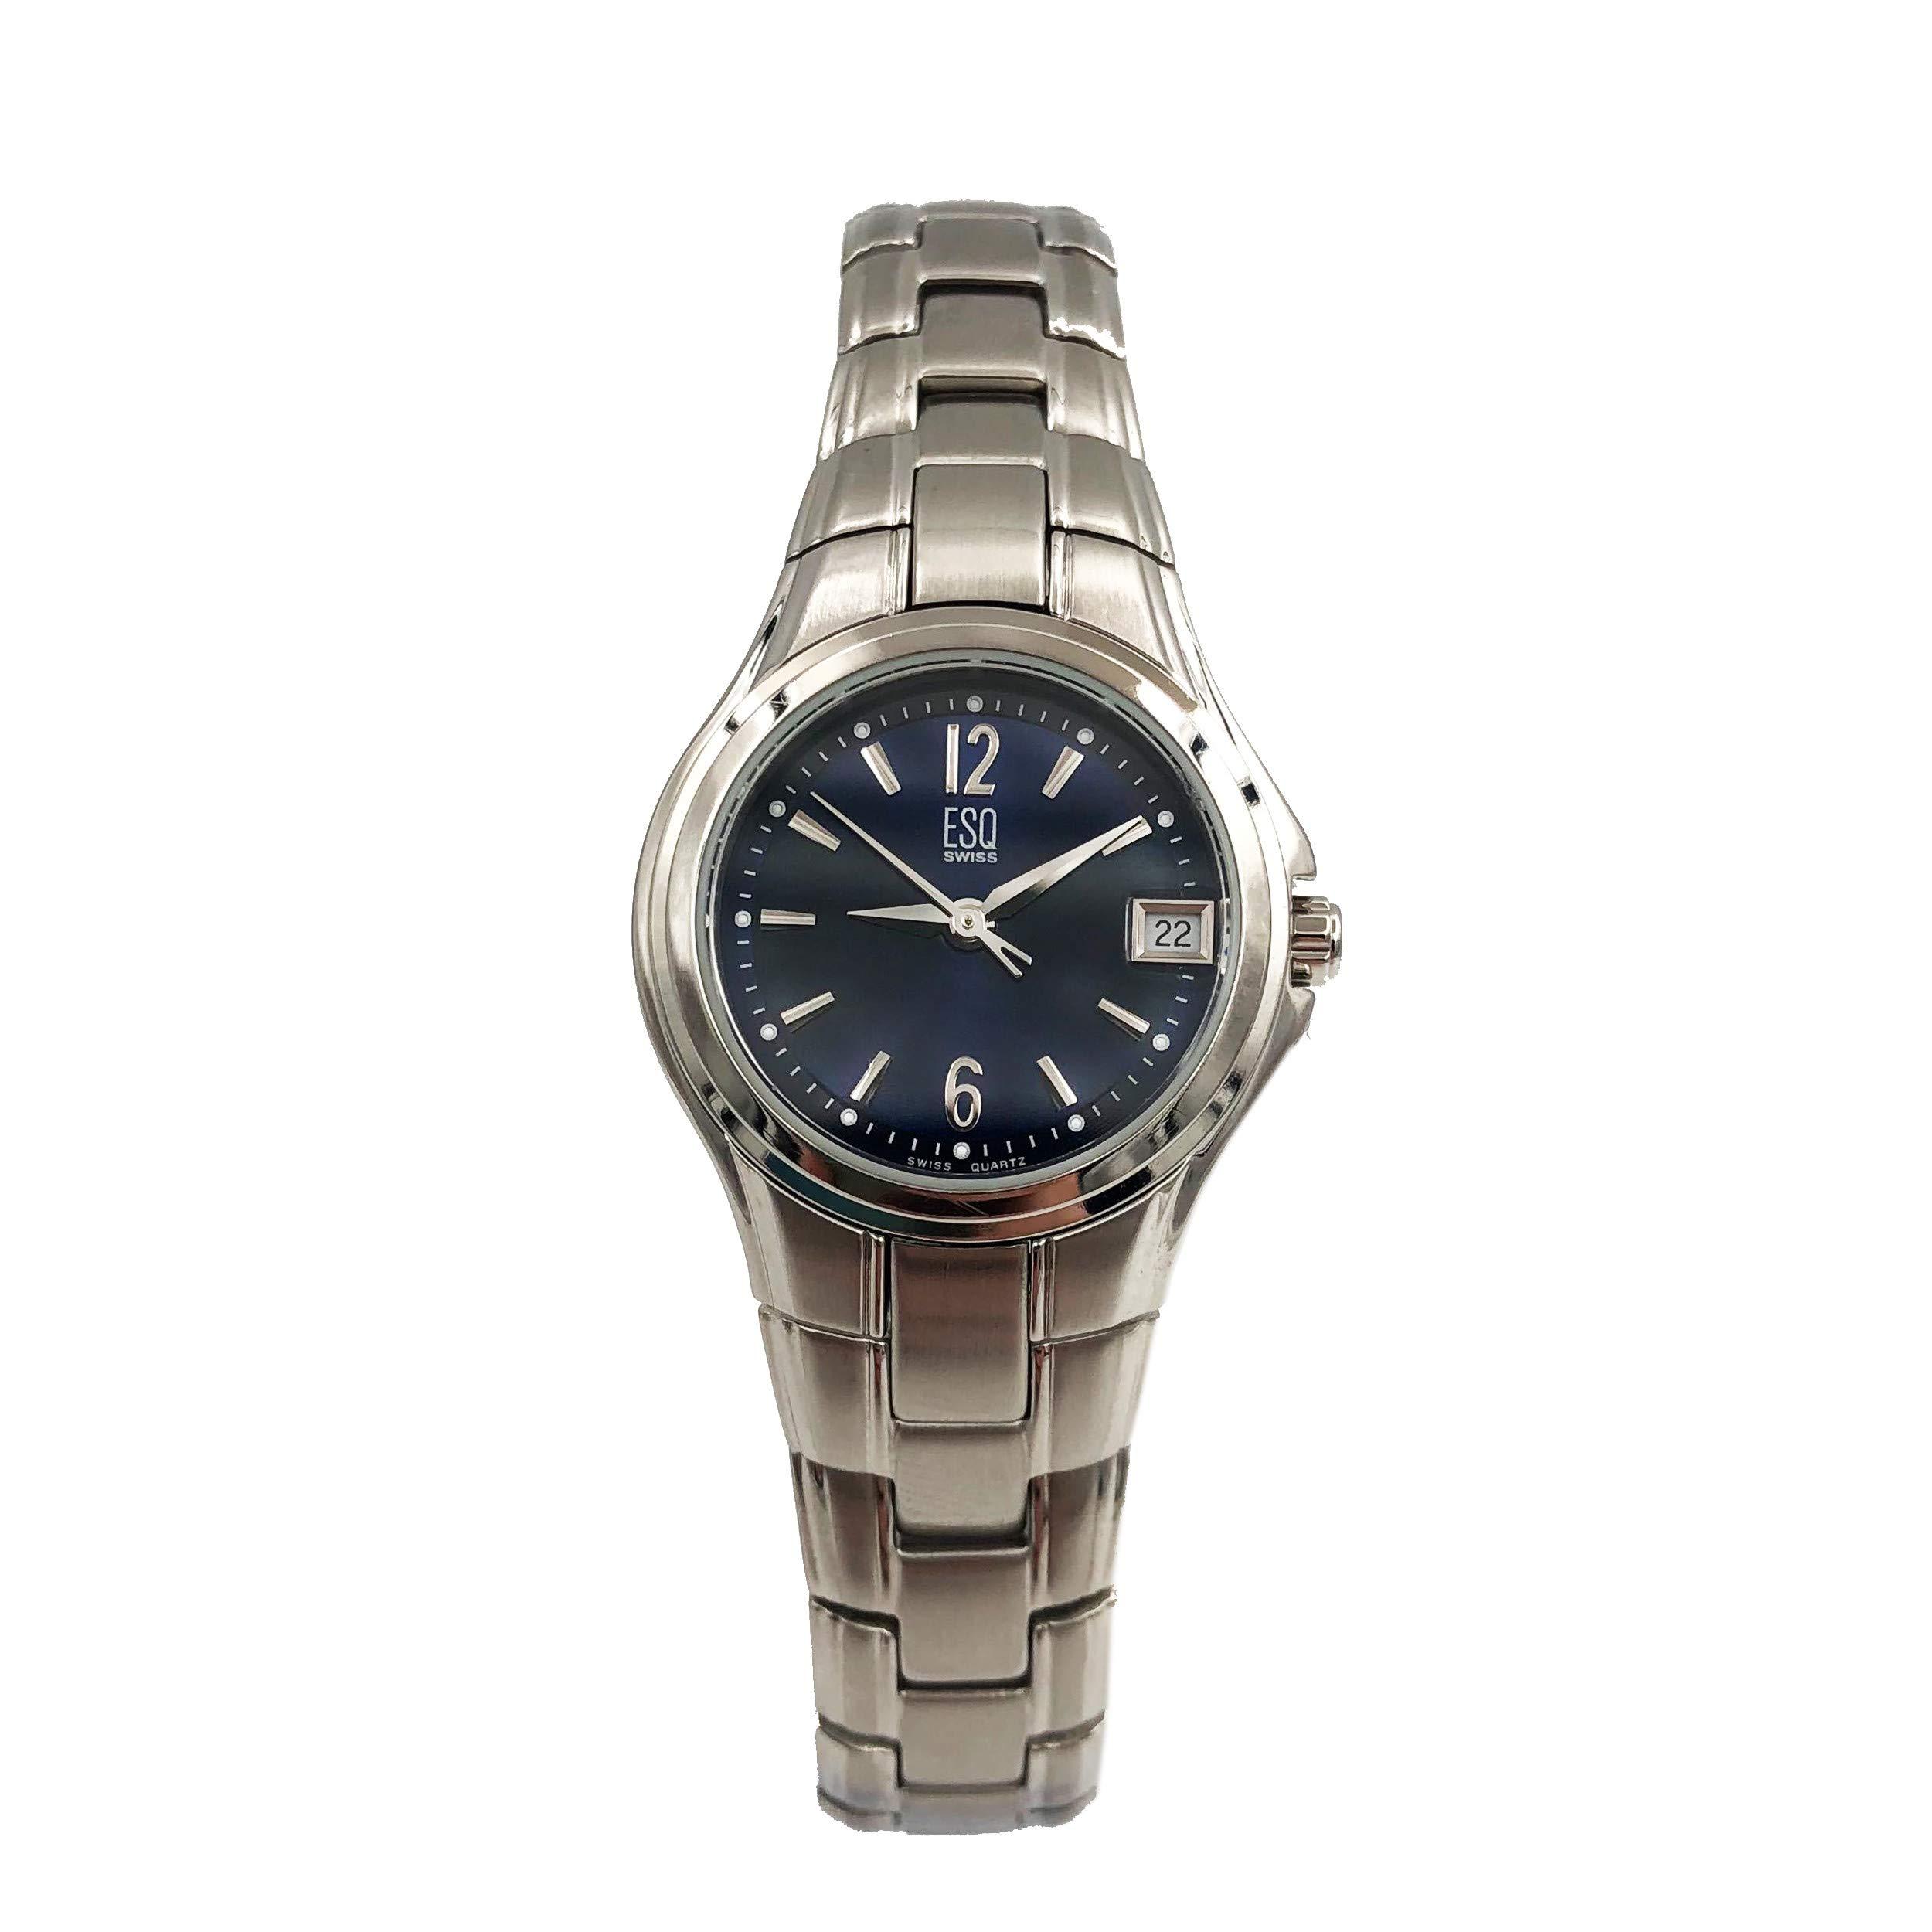 ESQ Previa Quartz Male Watch 07100951 (Certified Pre-Owned)